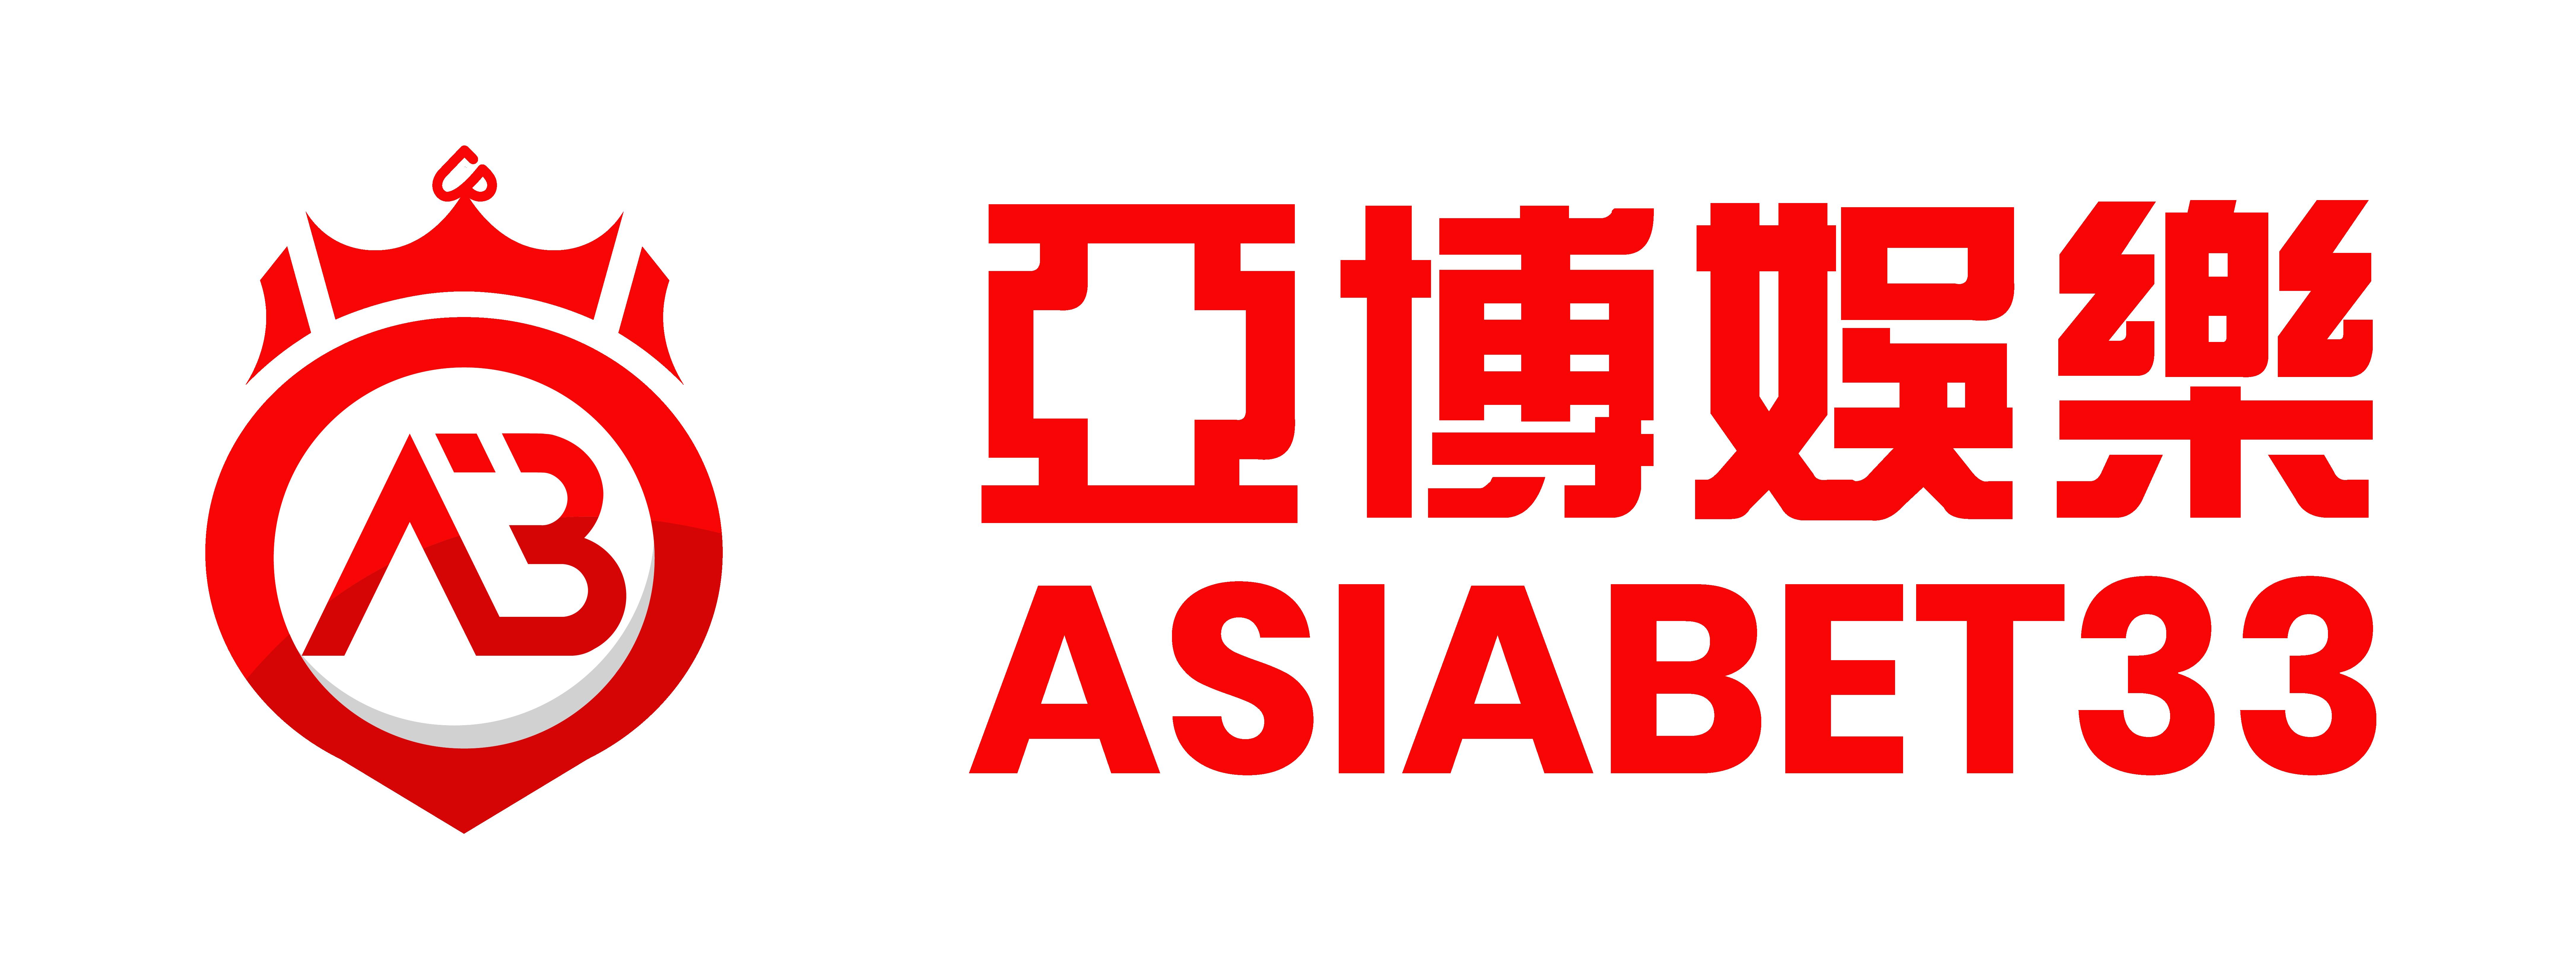 Asiabet33 Malaysia Logo